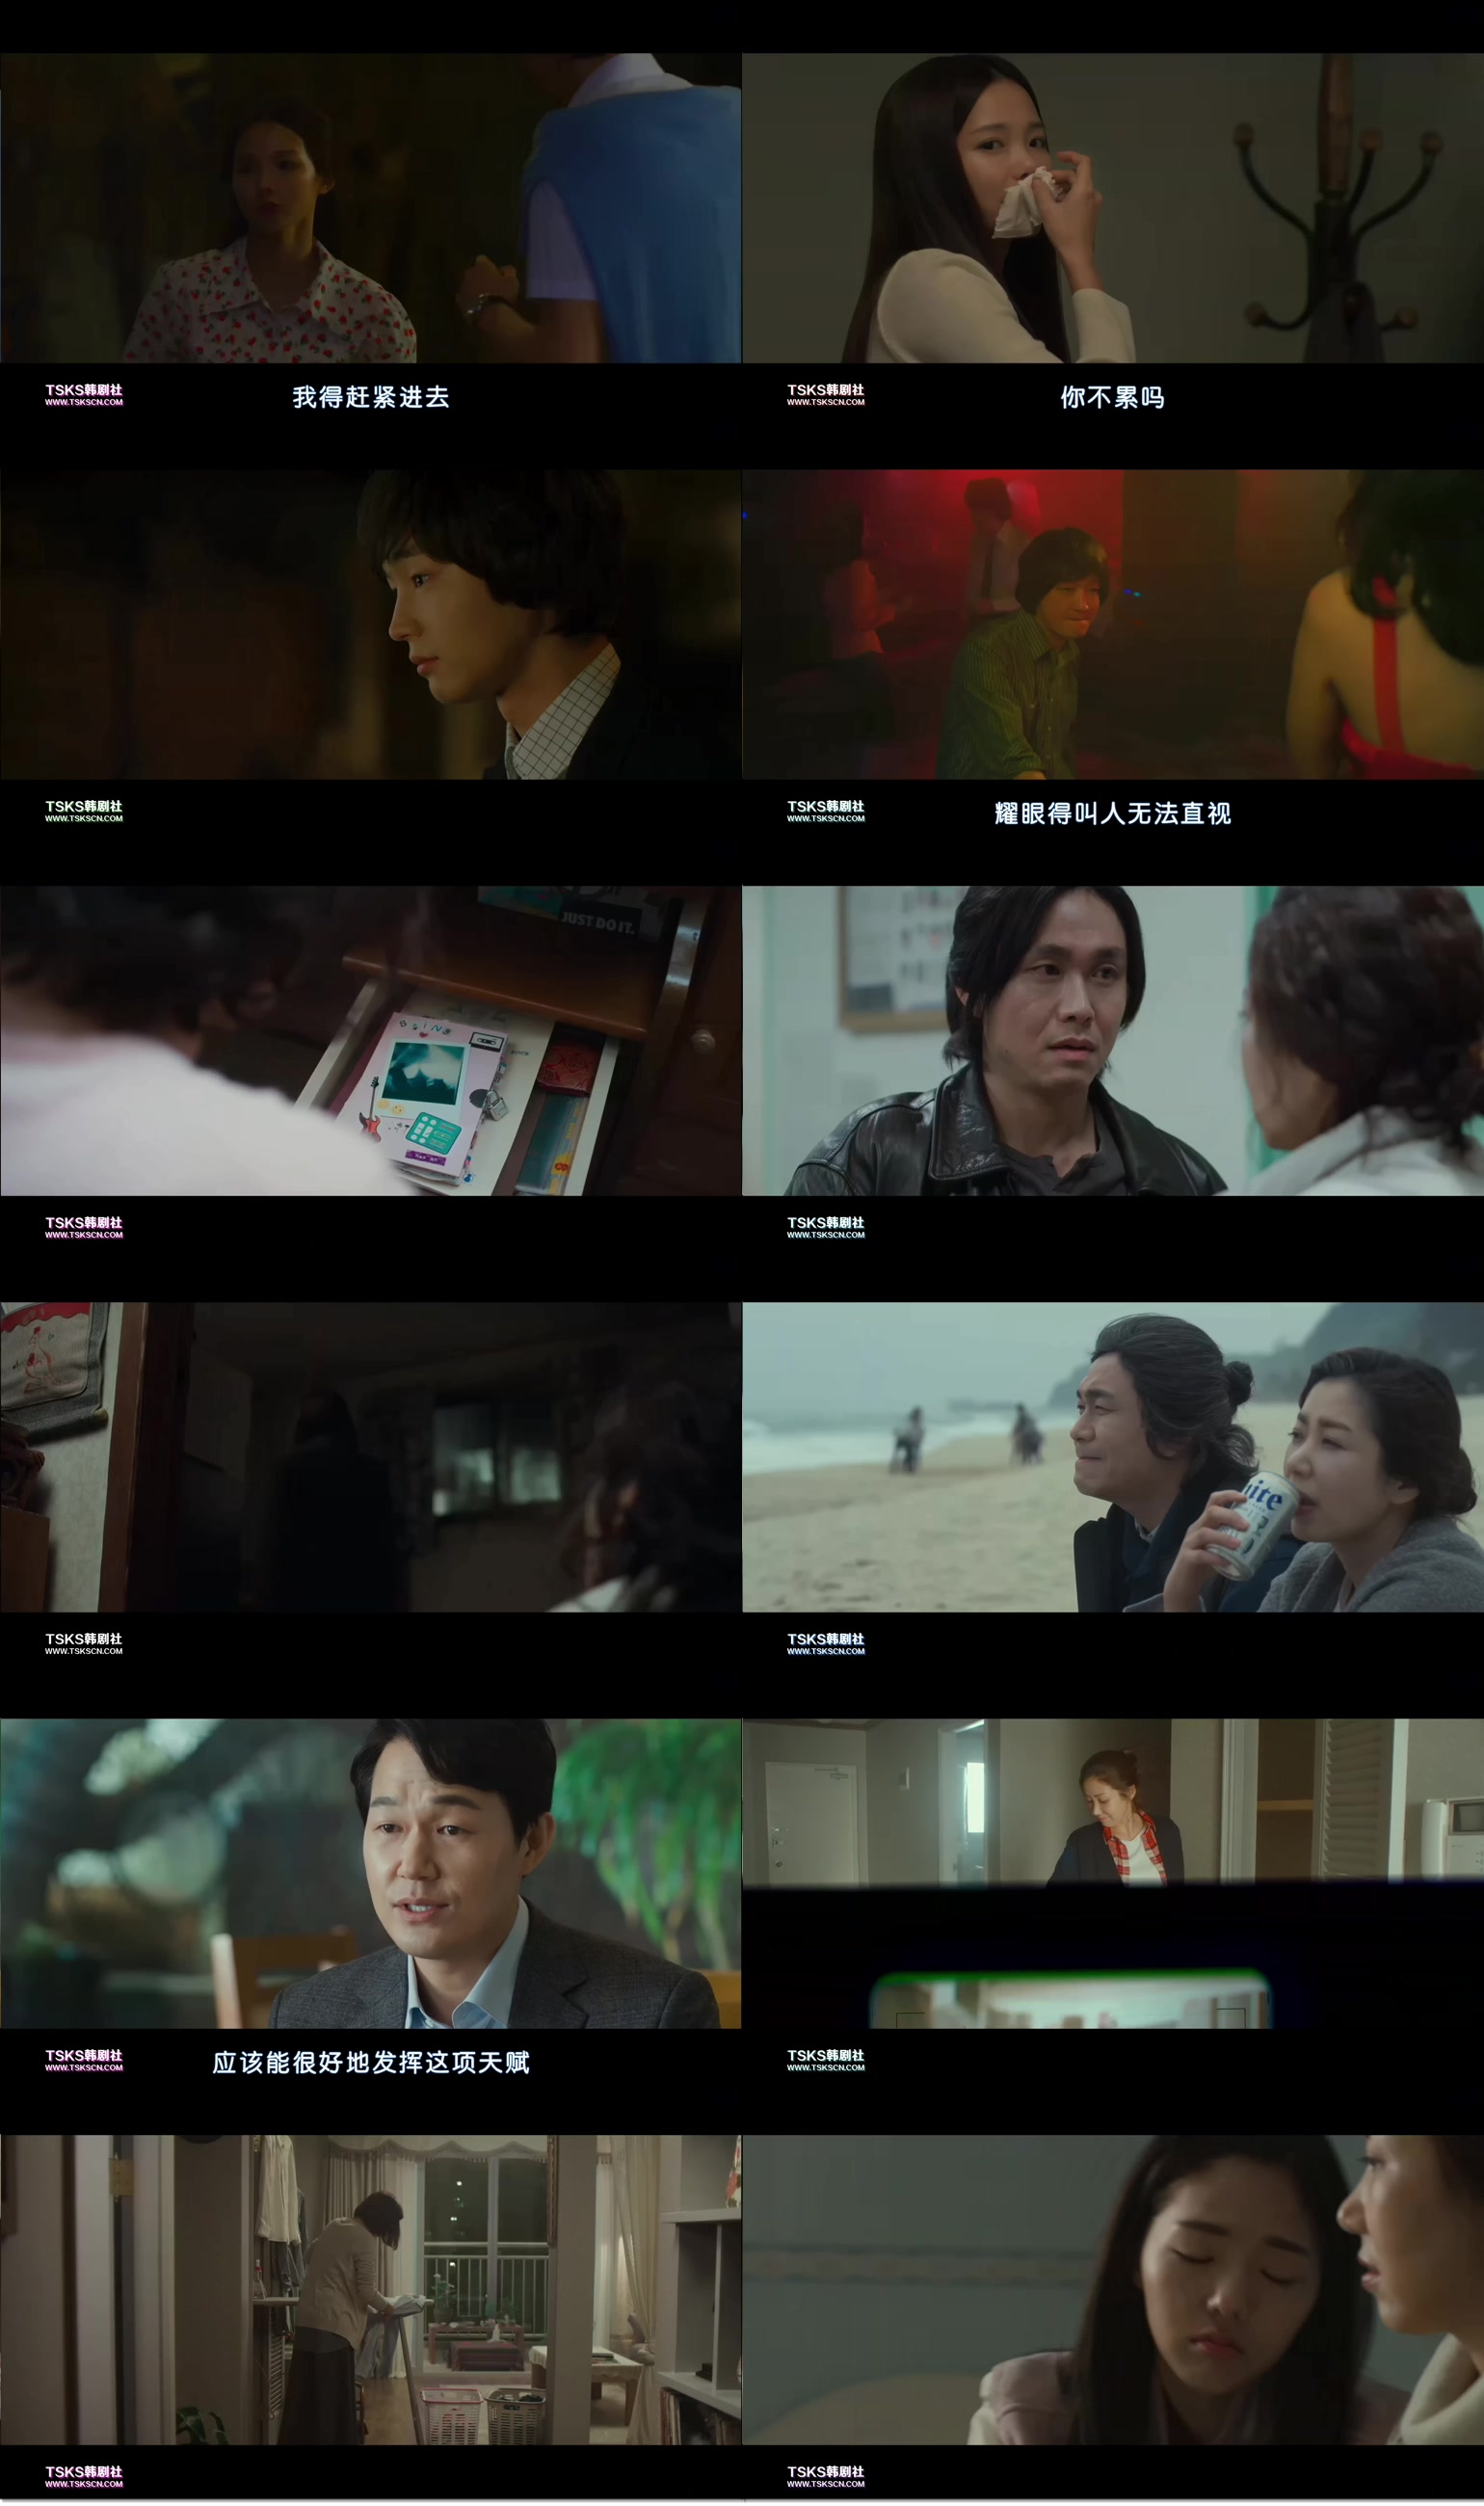 這邊是[韓] 你的名字是玫瑰/你的名字叫薔薇.2019.HD-1080p[MKV@1.8G@簡中]圖片的自定義alt信息;546610,727263,haokuku,52